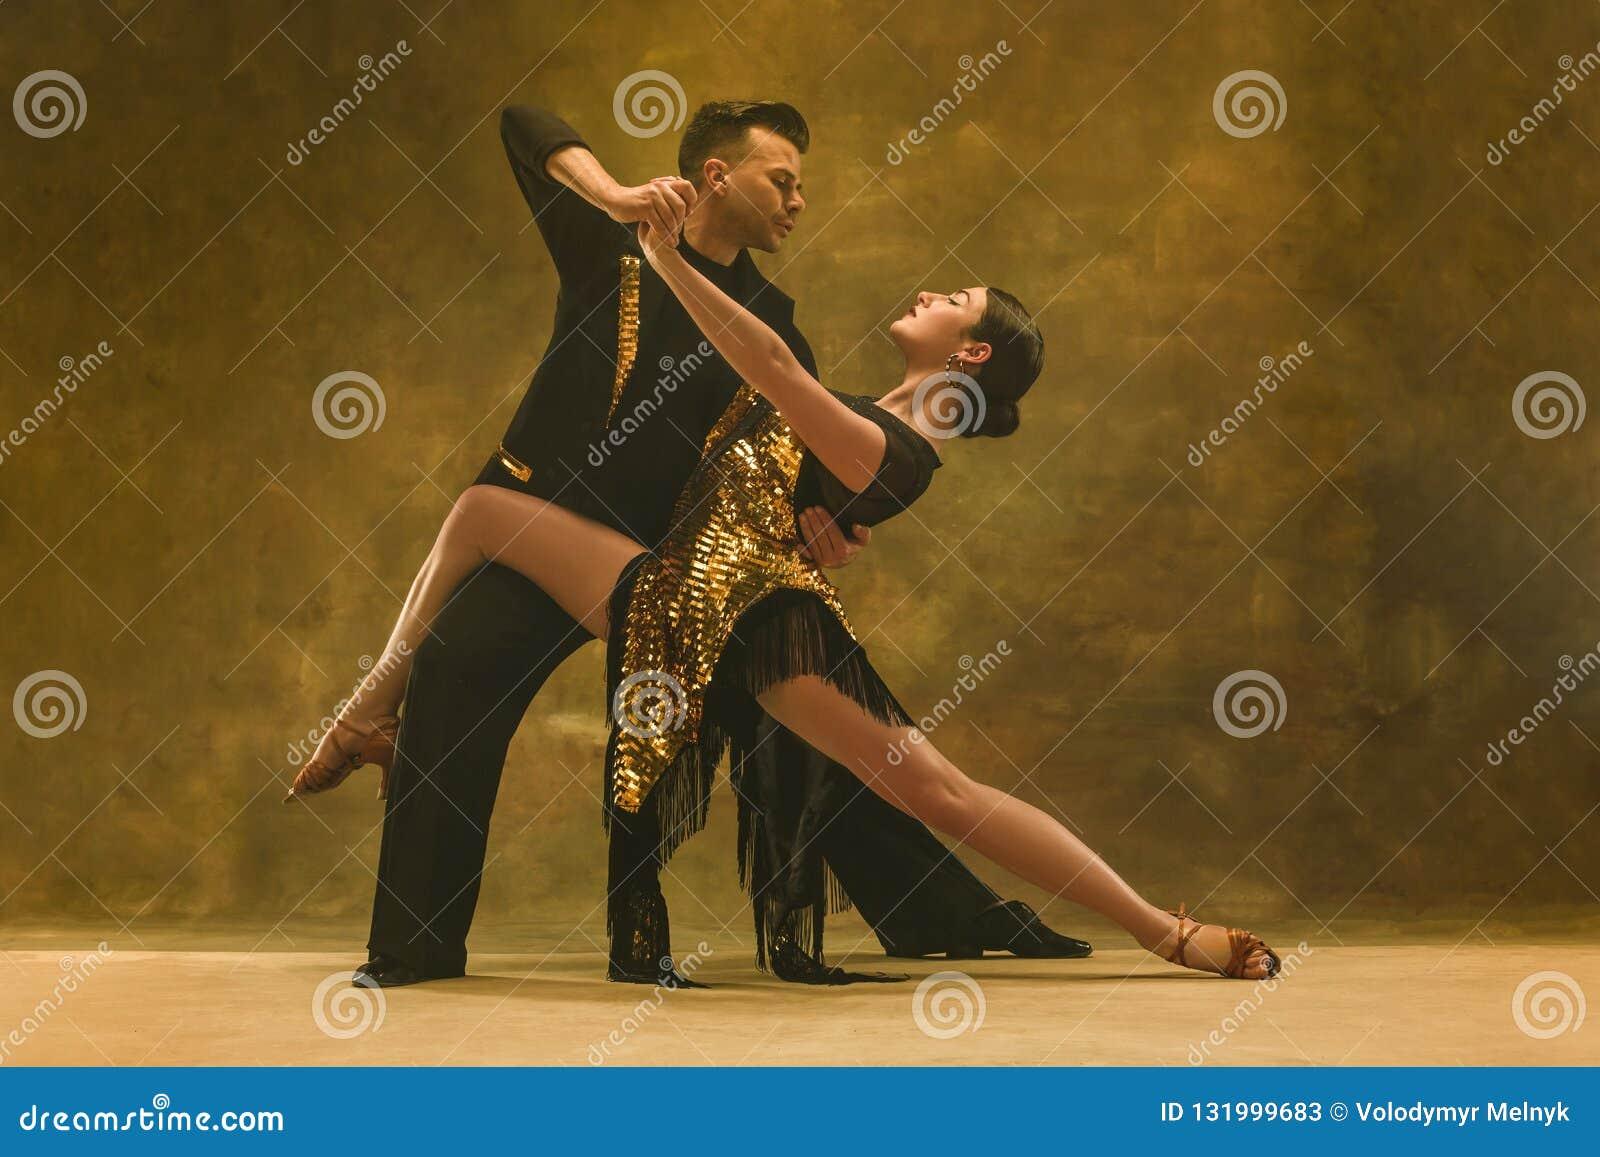 Пары бального зала танца в золоте одевают танцы на предпосылке студии